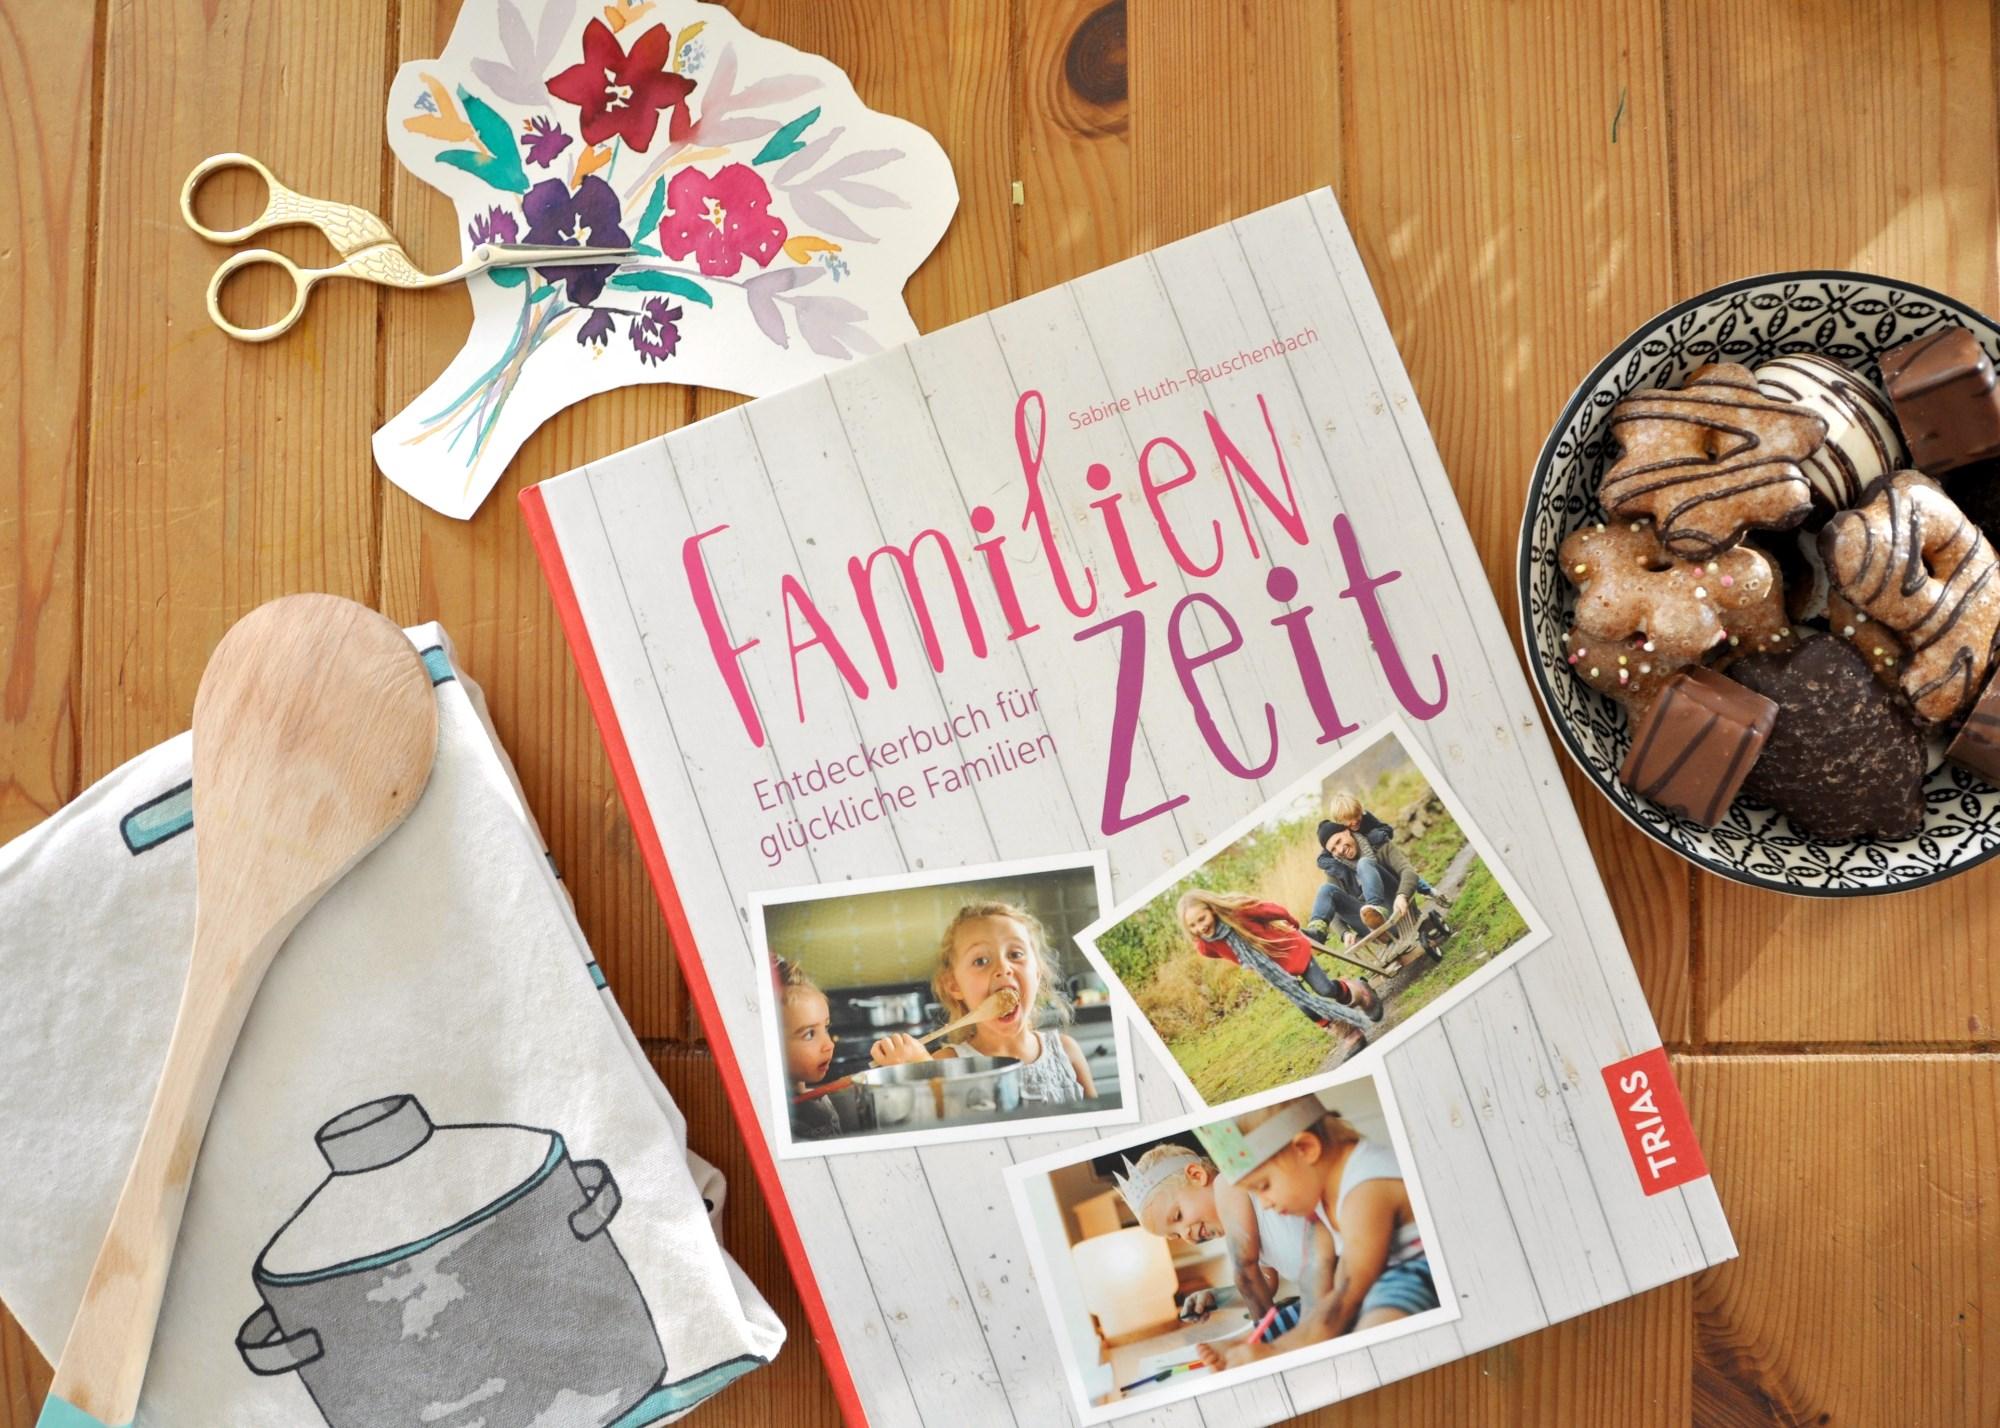 Familienzei Entdeckerbuch für glückliche Familien - meine Rezension auf Mutter&Söhnchen